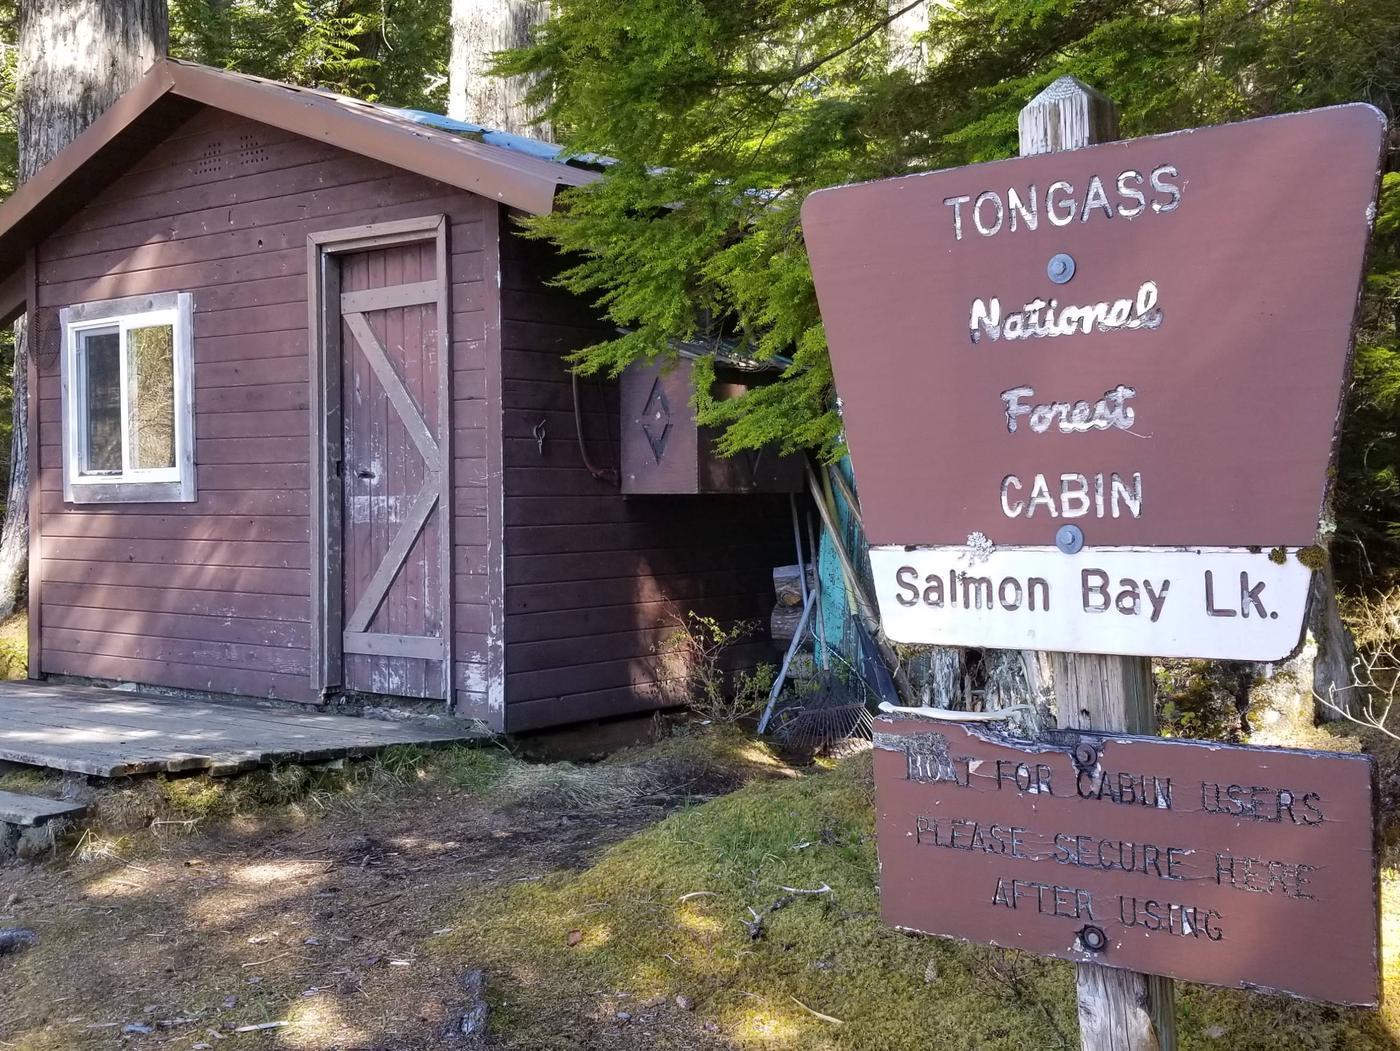 Salmon Bay Lake Cabin and sign.Salmon Bay Lake Cabin.